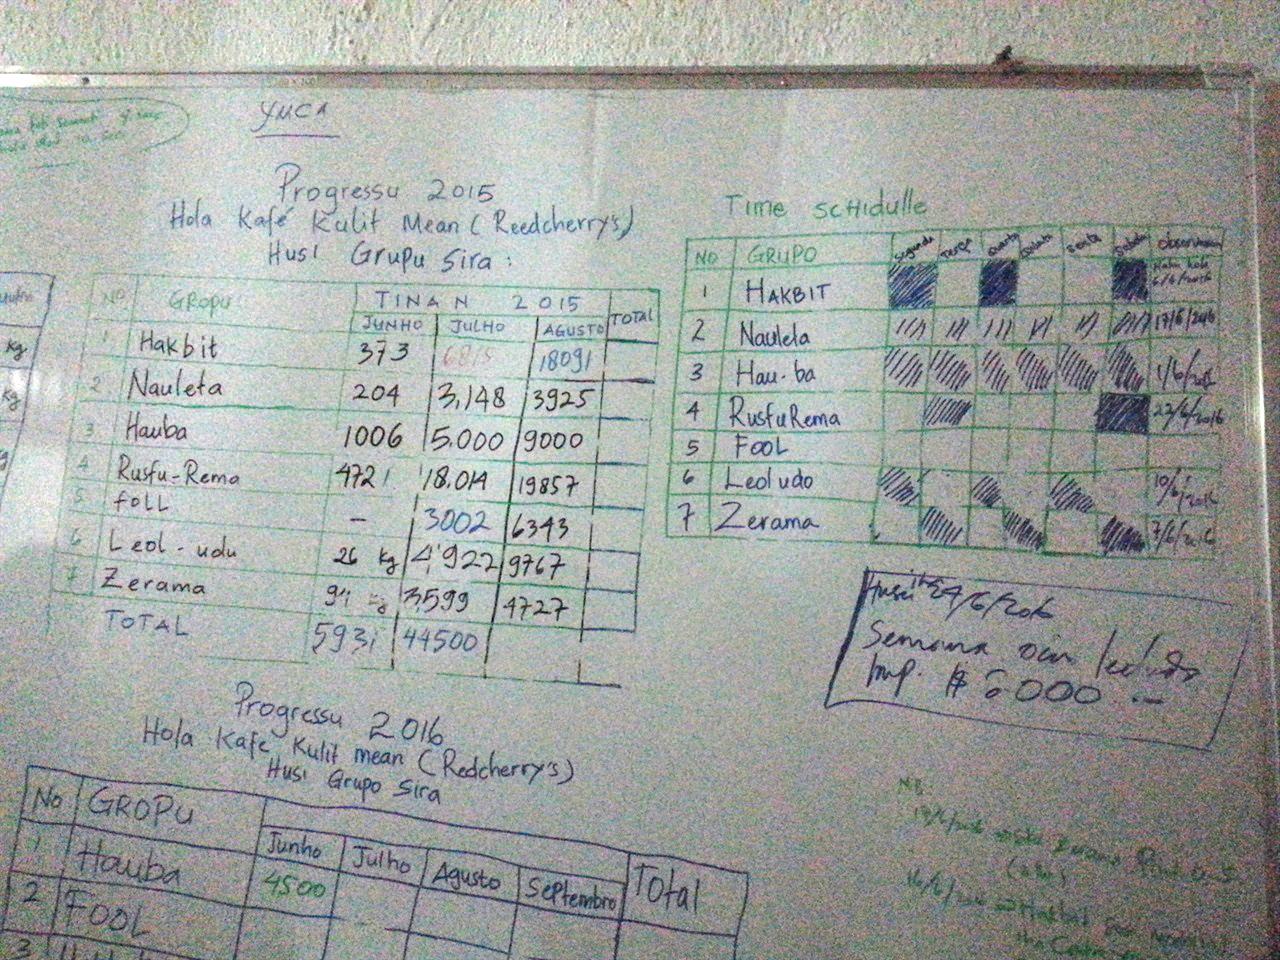 연도별 커피 생산량 로뚜뚜 피스커피 사무실 벽면에 기록해 놓은 소그룹 및 연도별 커피 생산량